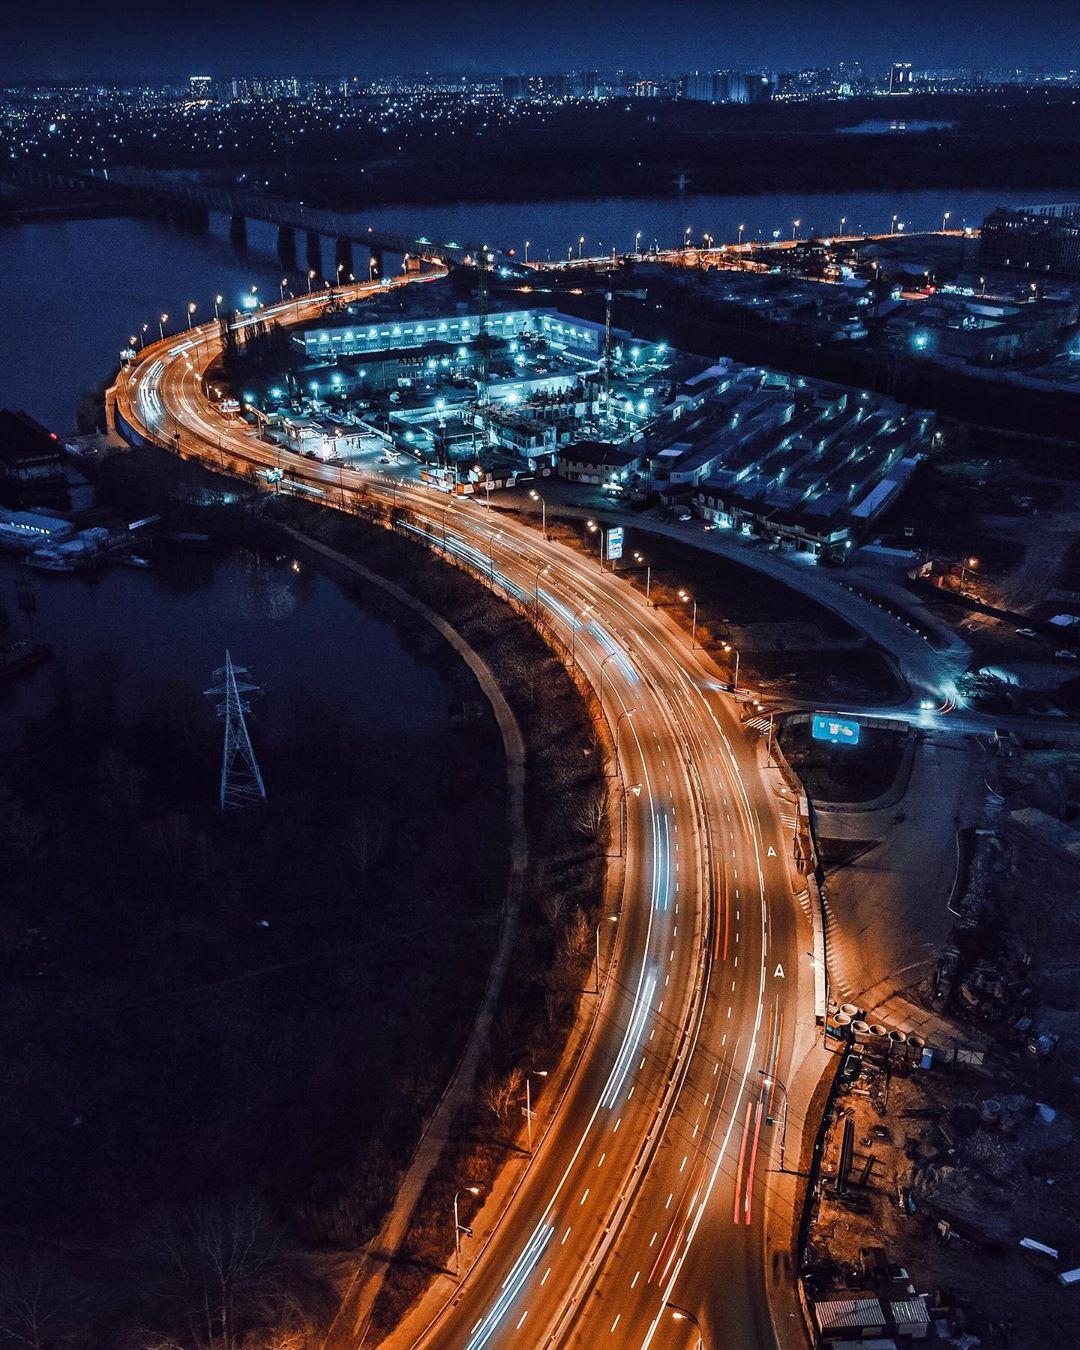 Начнем подборку с ночной артерии города. Фото - @fantakr